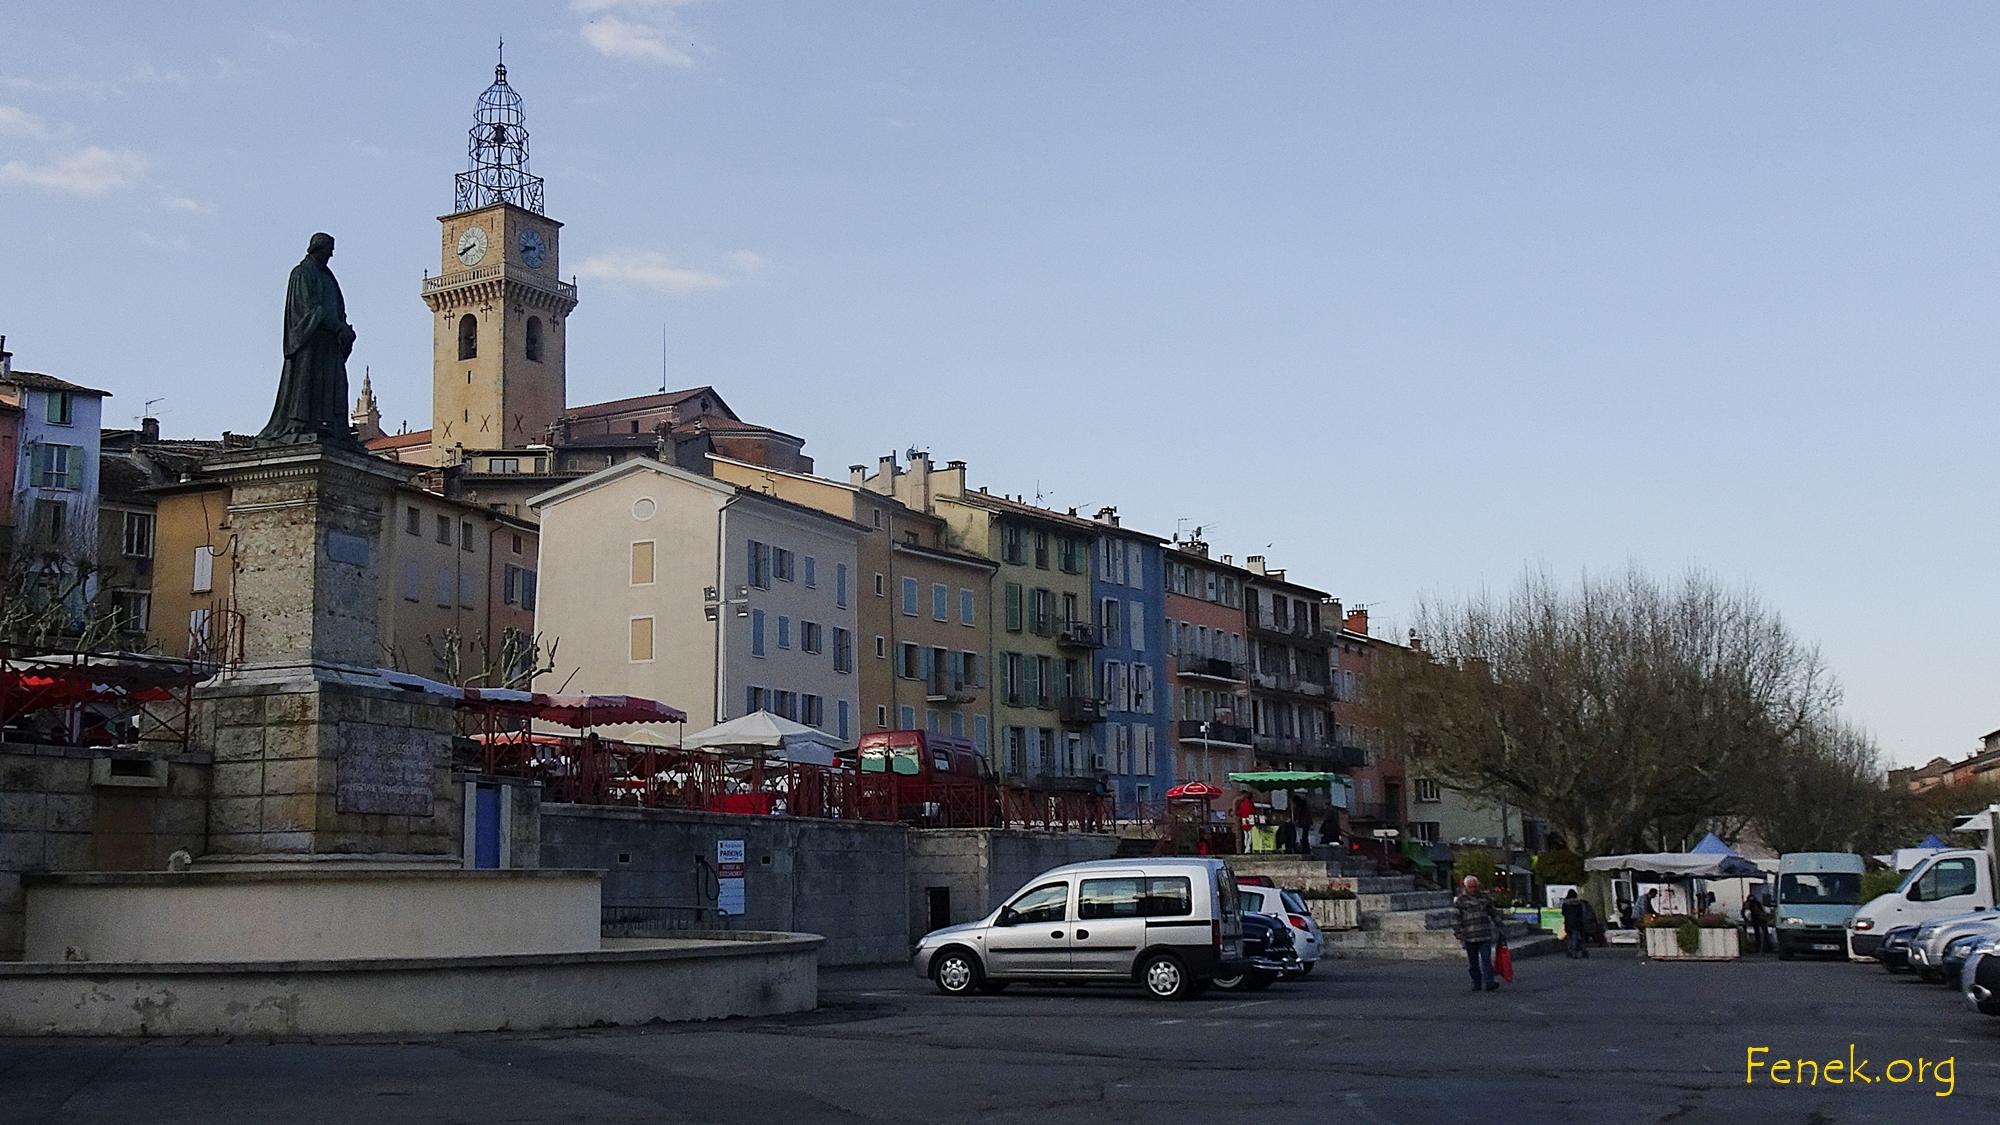 der Tag beginnt in Digne les Bains